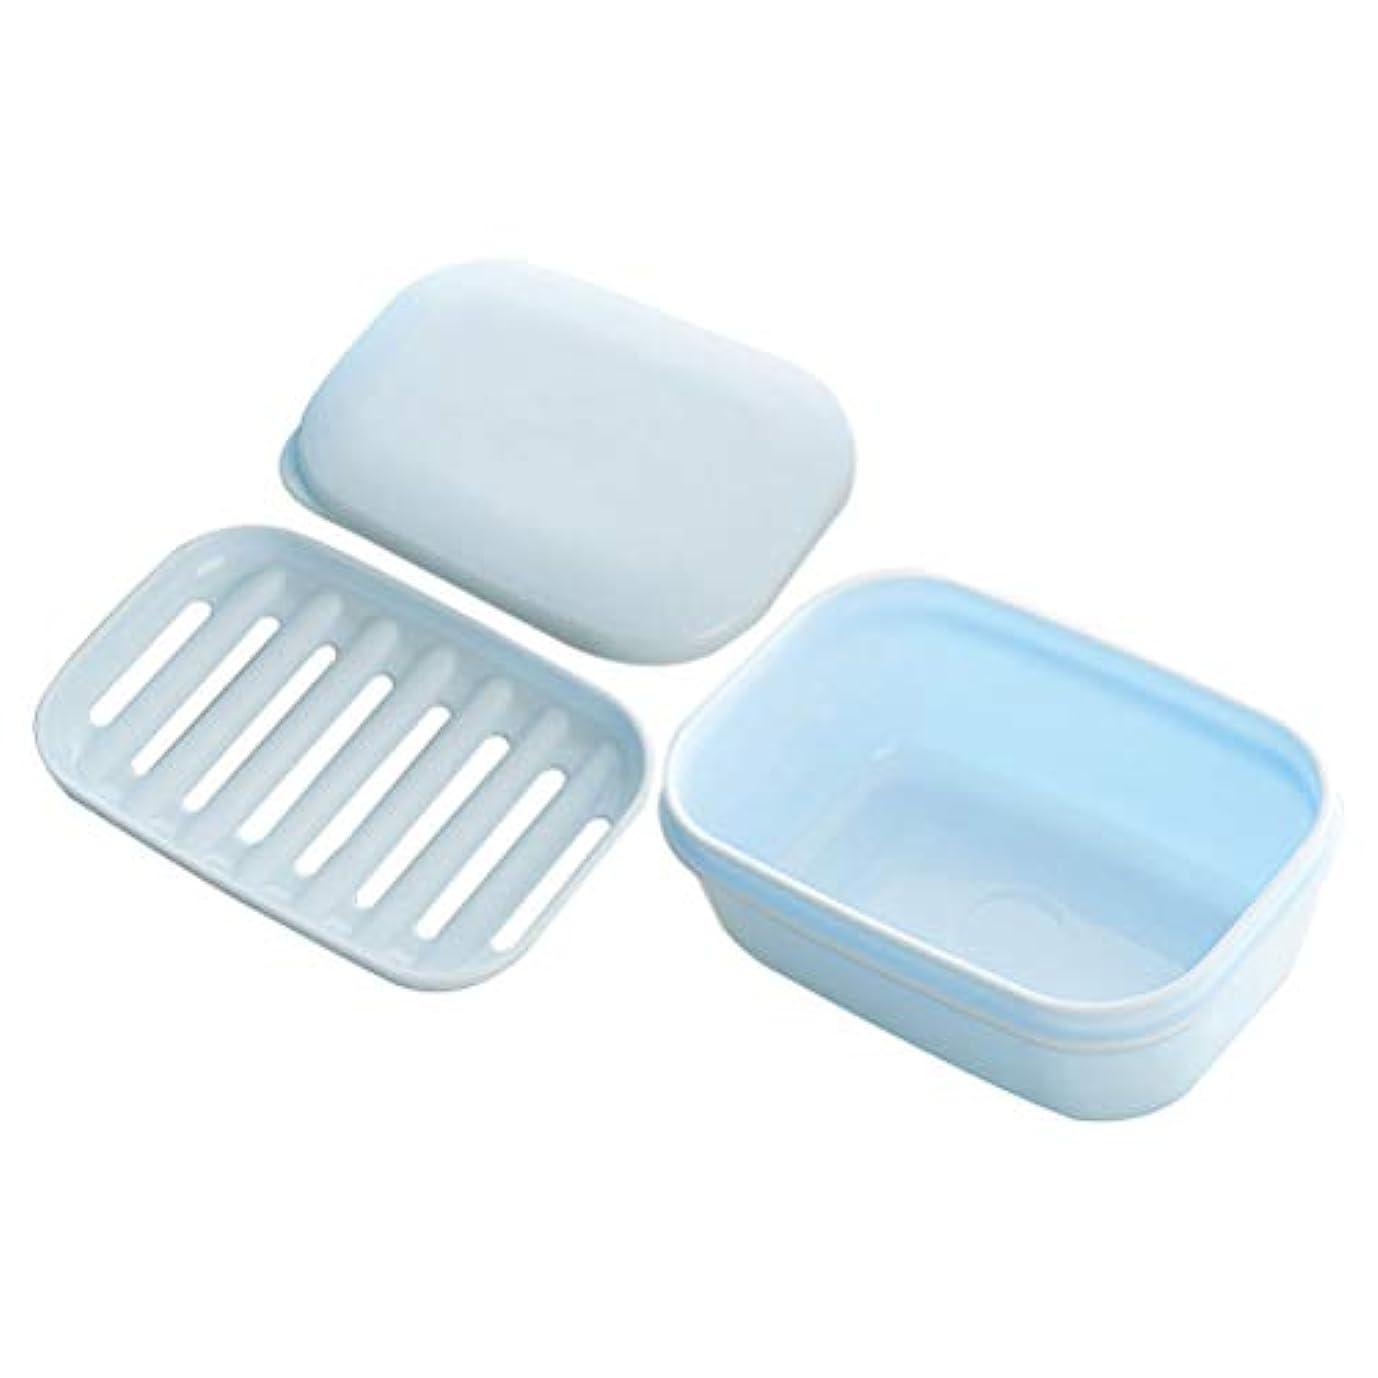 囚人ボール結婚Healifty バスルームとキッチンのための排水石けんケースの容器と2pcsDouble層の石鹸ボックスの石鹸の皿